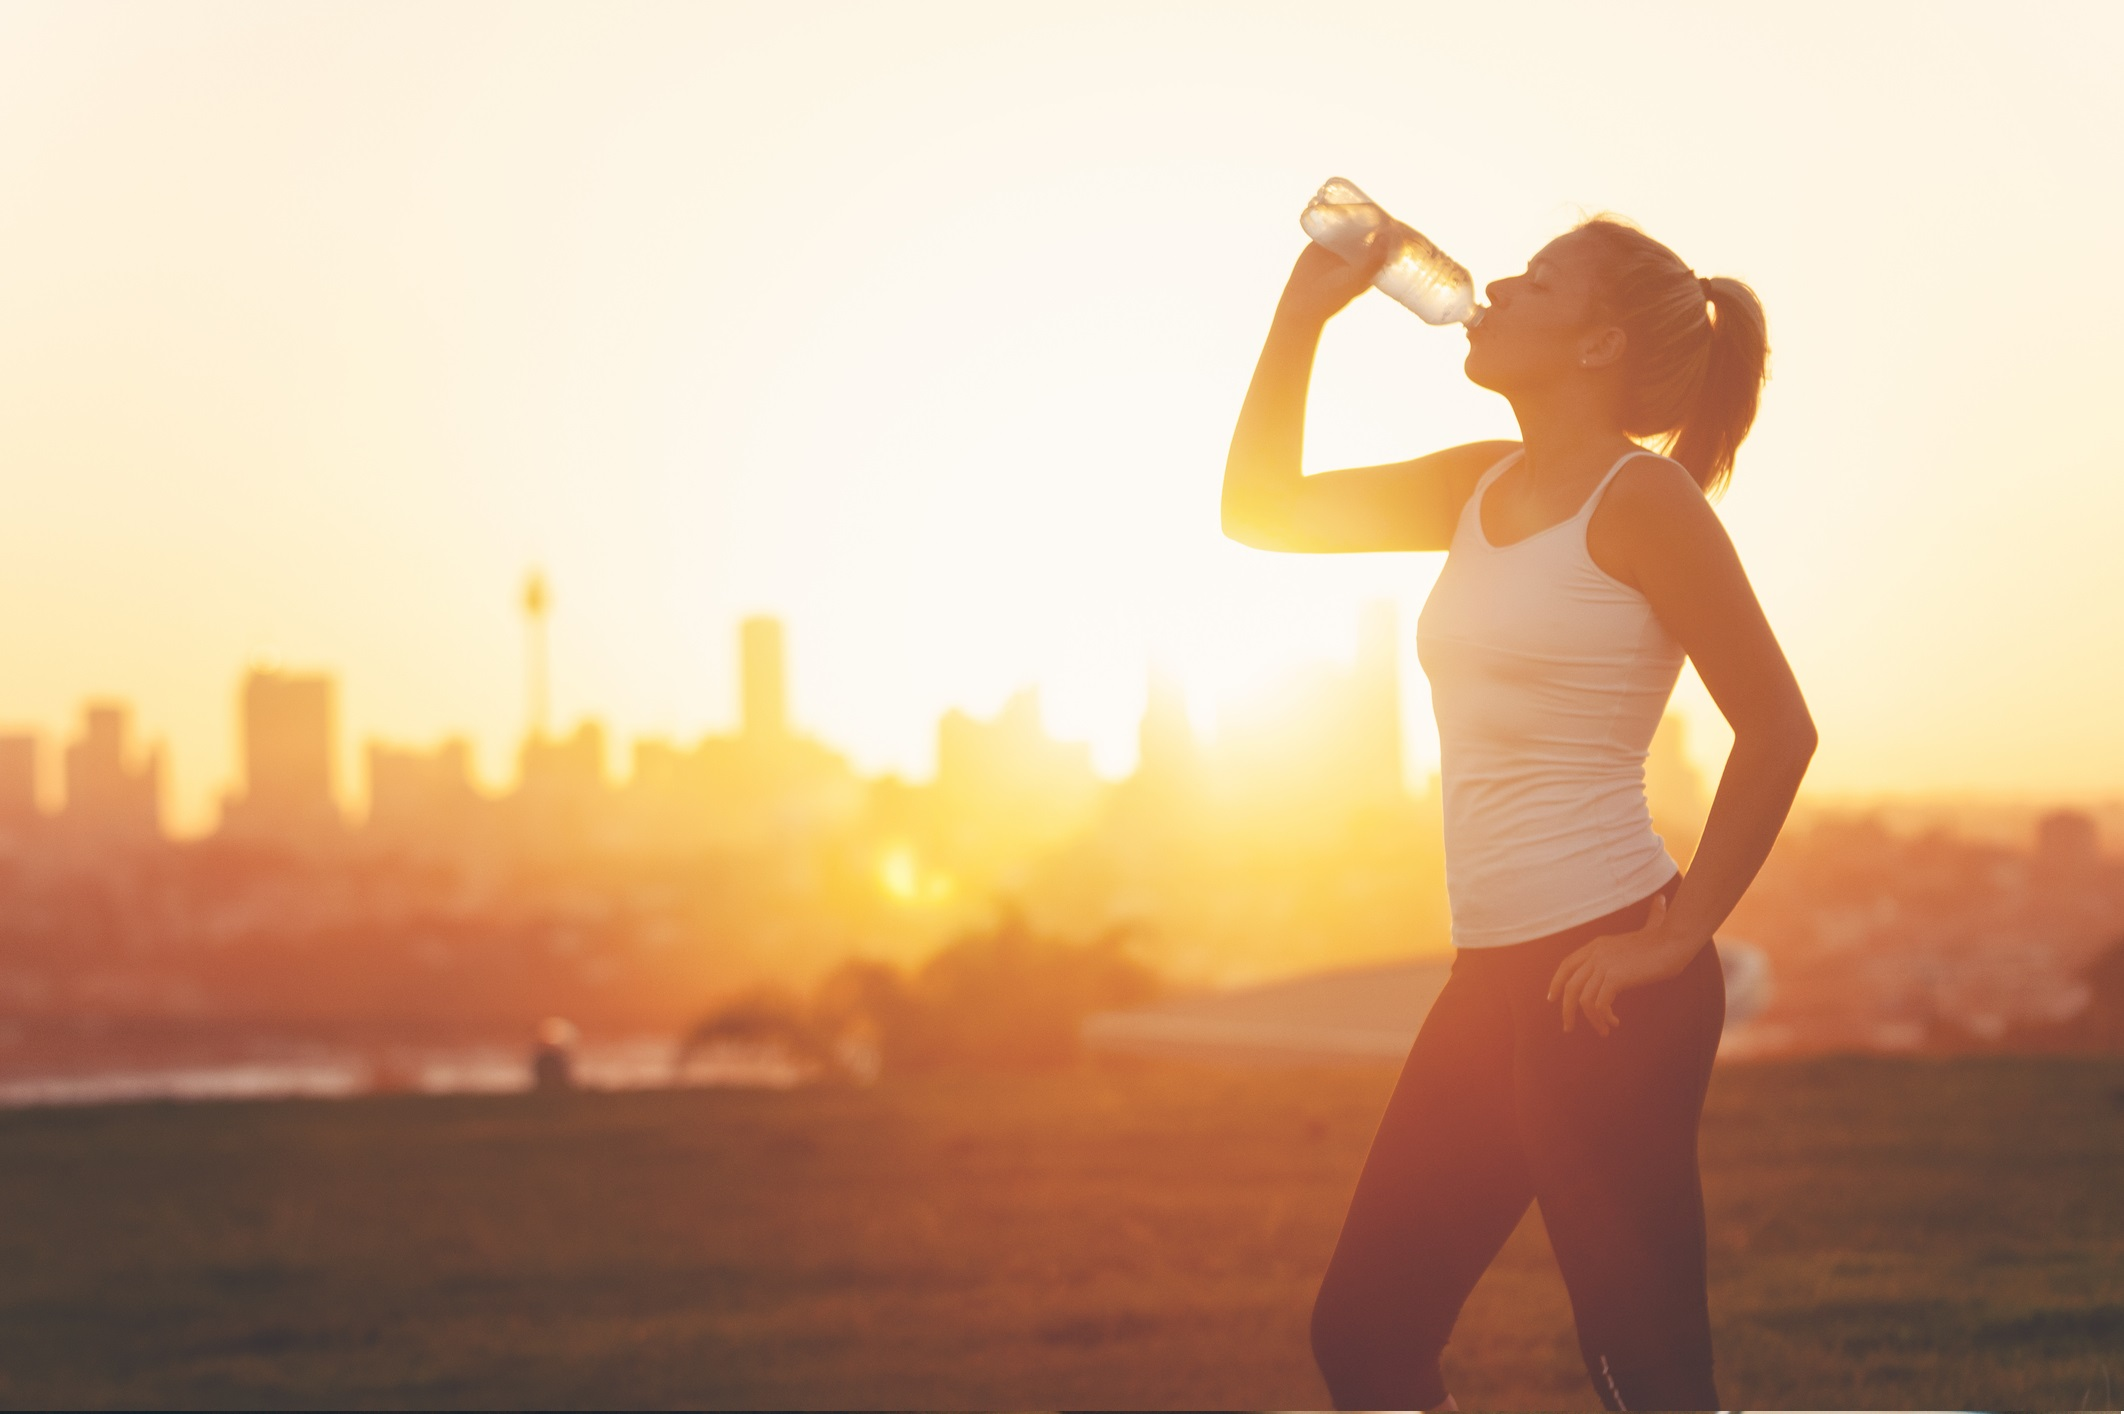 <p>Не избягвайте водата<br /> <br /> Независимо дали сте професионален спортист или аматьор, дехидратацията може да доведе до мускулни крампи, които да доведат до контузии. Мускулите и органите имат нужда от вода, за да функционират правилно. Юопитайте се да пиете поне по 8 чаши вода дневно.</p>